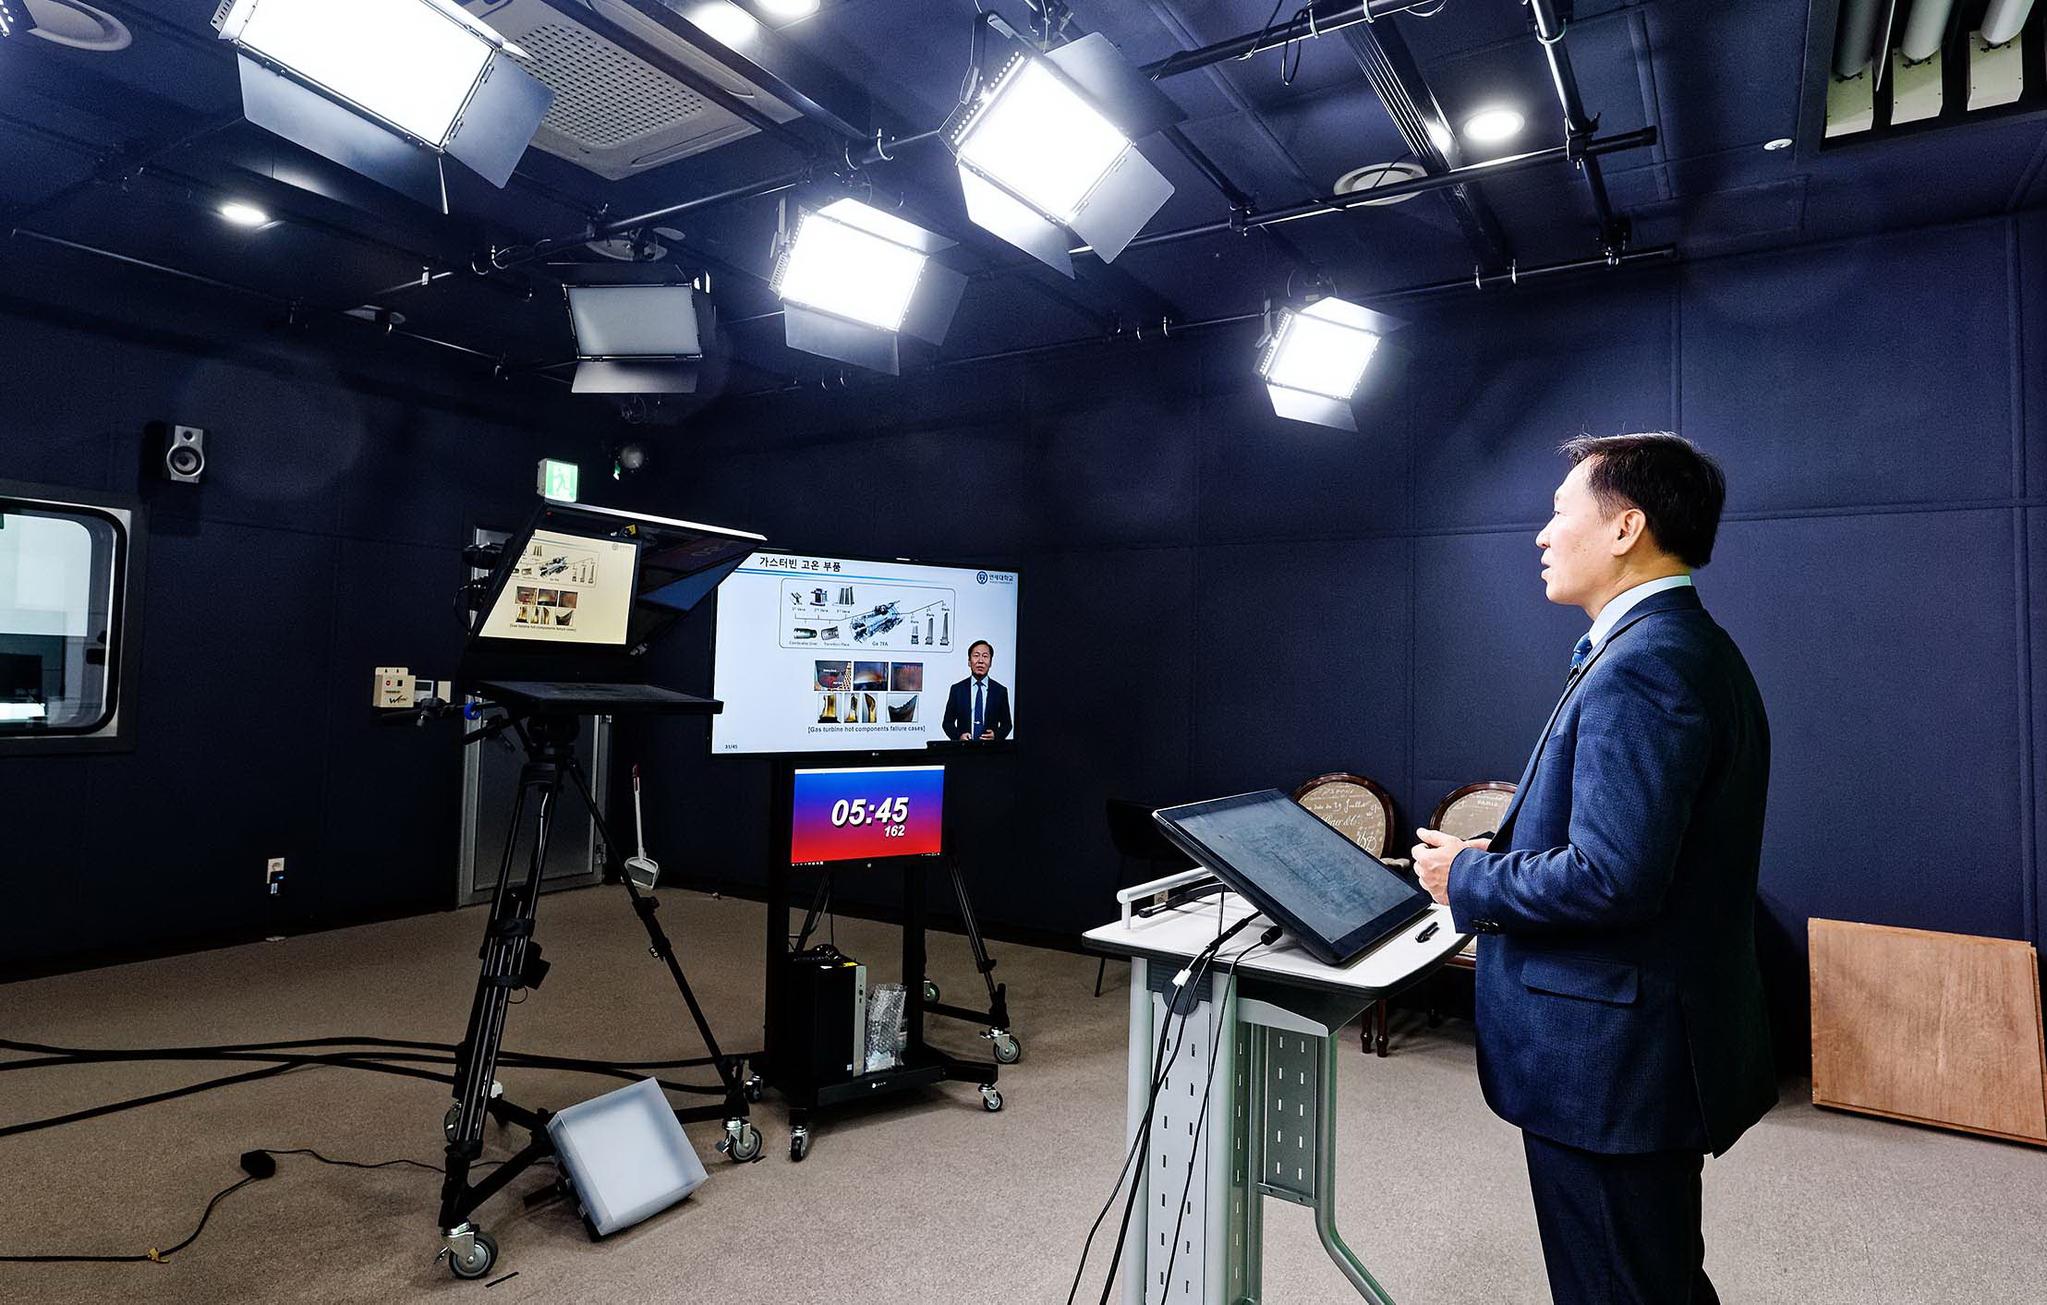 신종코로나바이러스감염증(코로나19) 감염 예방을 위해 16일 서울 연세대학교에서 비대면 온라인 강의가 진행되고 있다. 연세대학교는 오는 28일까지 온라인 강의를 실시한다. 사진 연세대학교